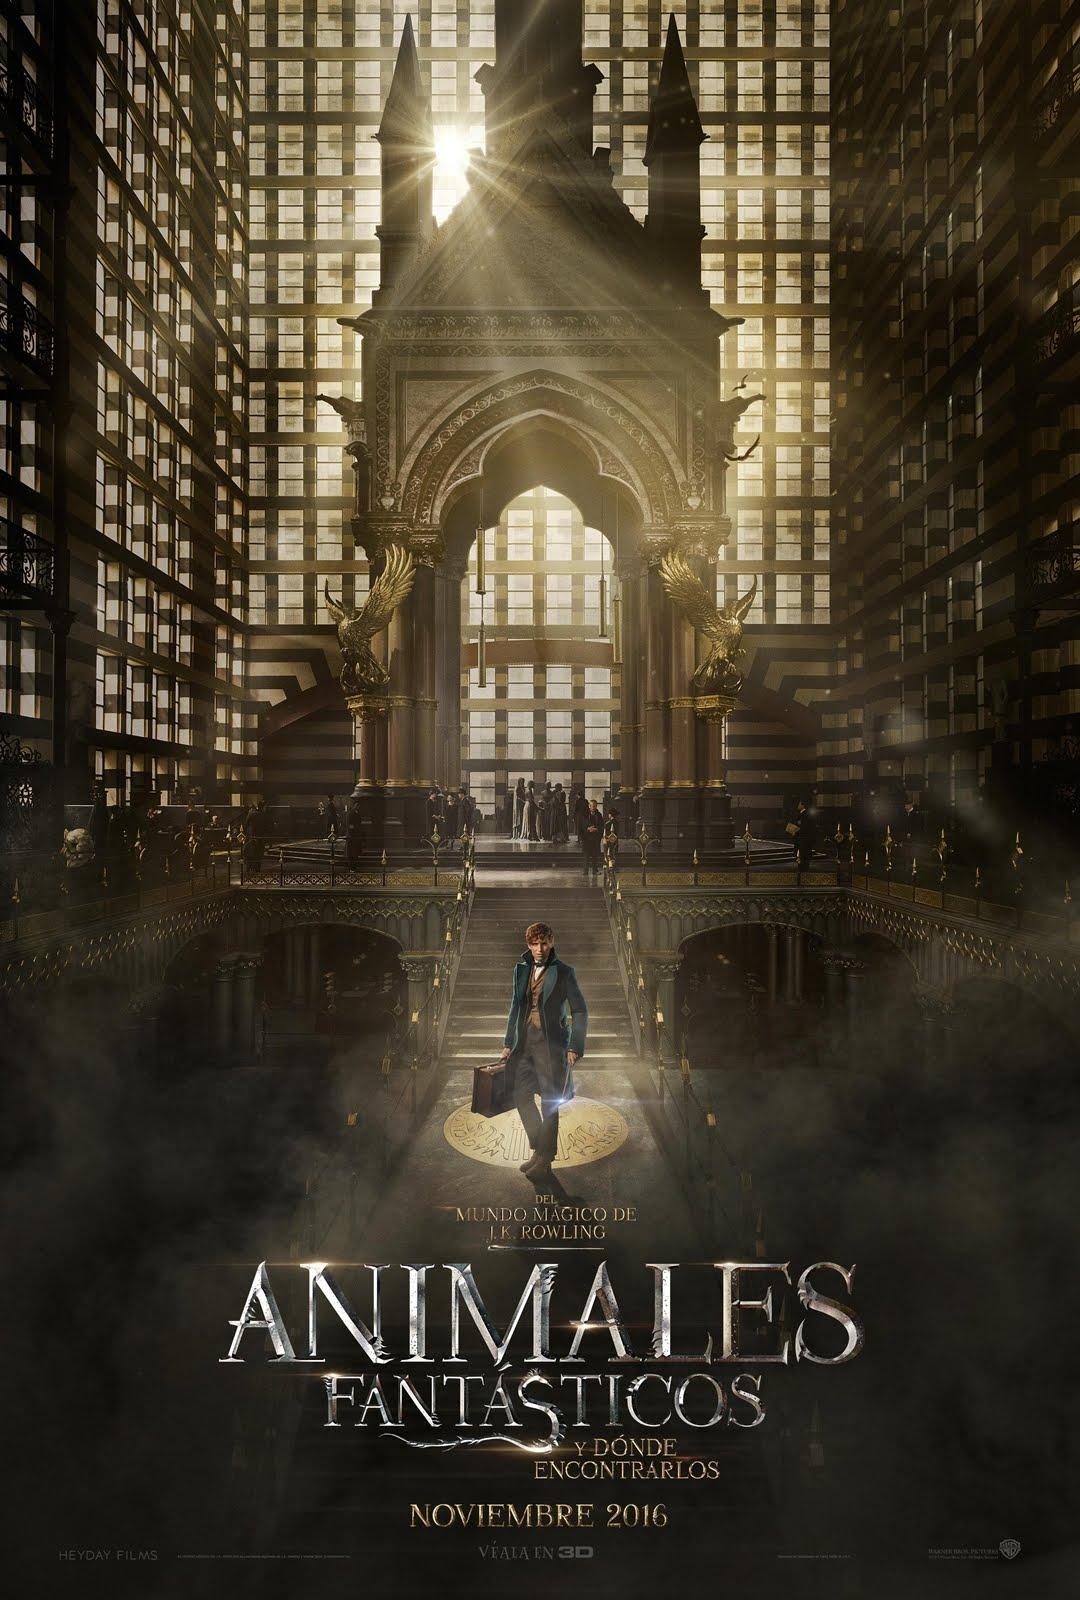 Animales Fantásticos Y Dónde Encontrarlos (16-11-2016)